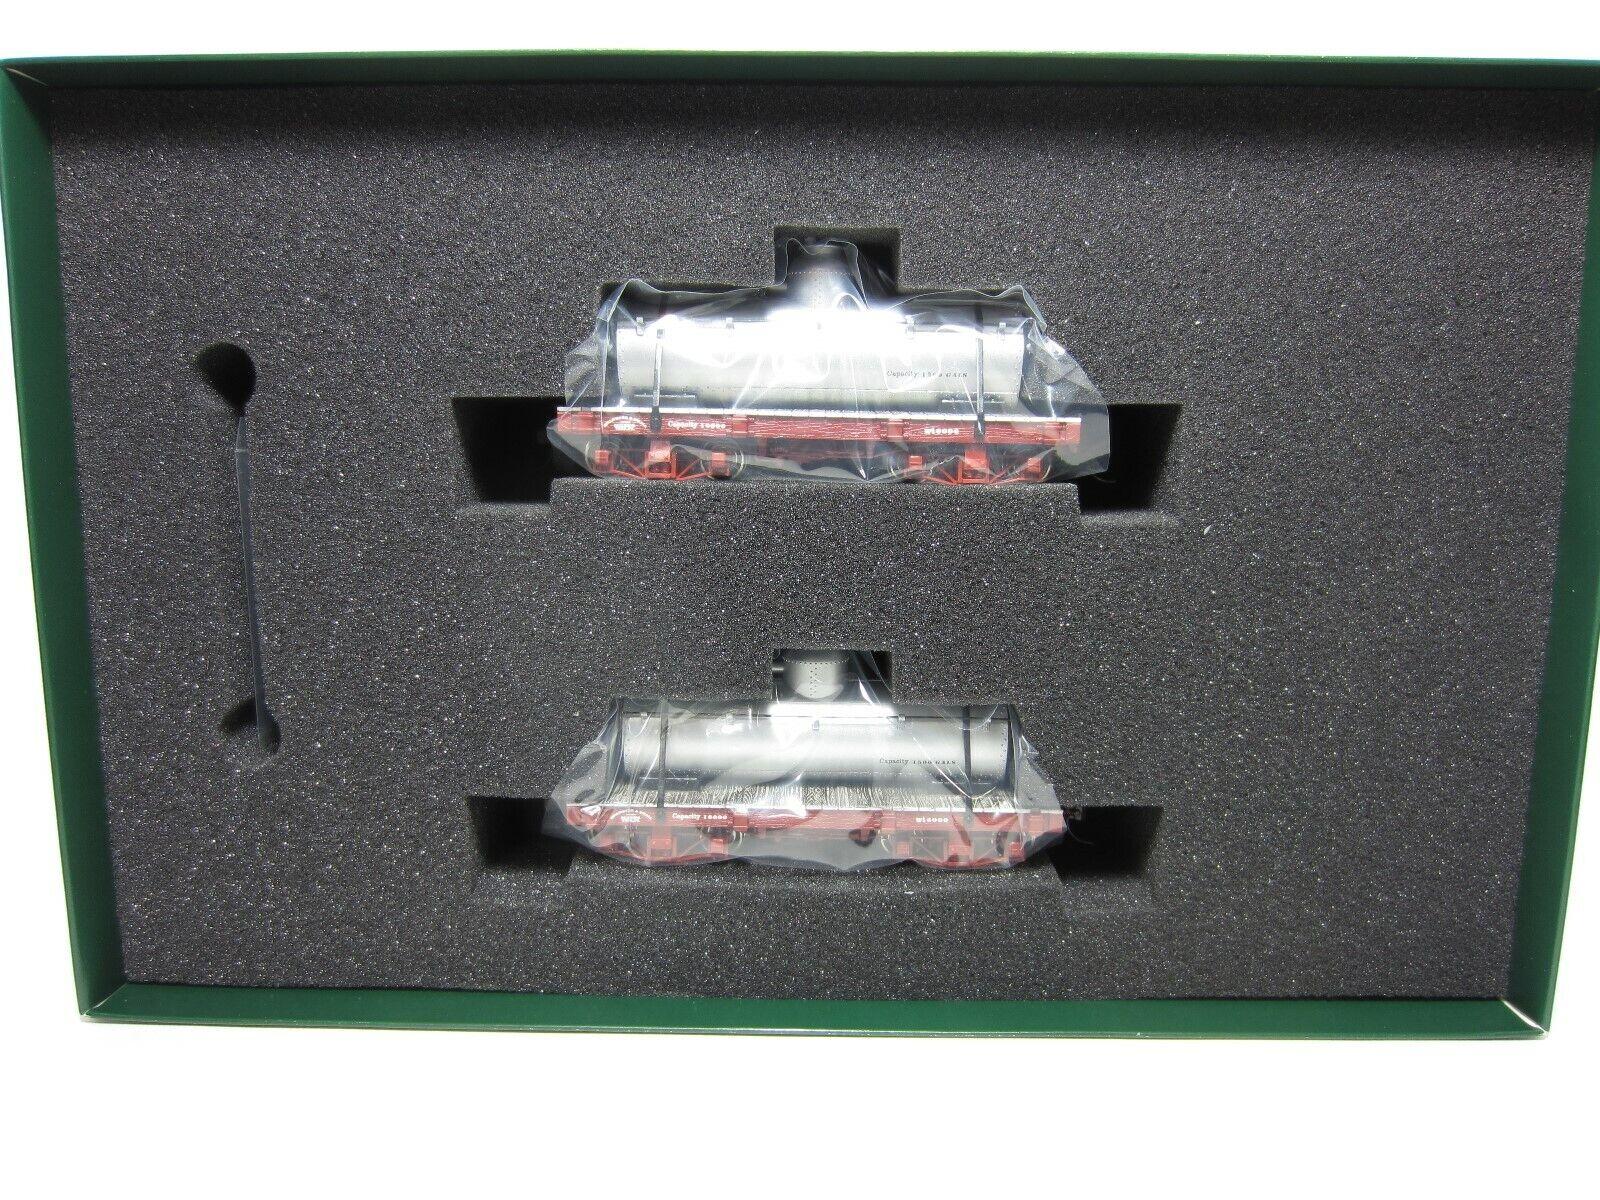 Bachuomon SPECTRUM 26521 18' a sautotamento ridotto unletterosso Serbatoio Auto 2Pack SPEDIZIONE GRATUITA